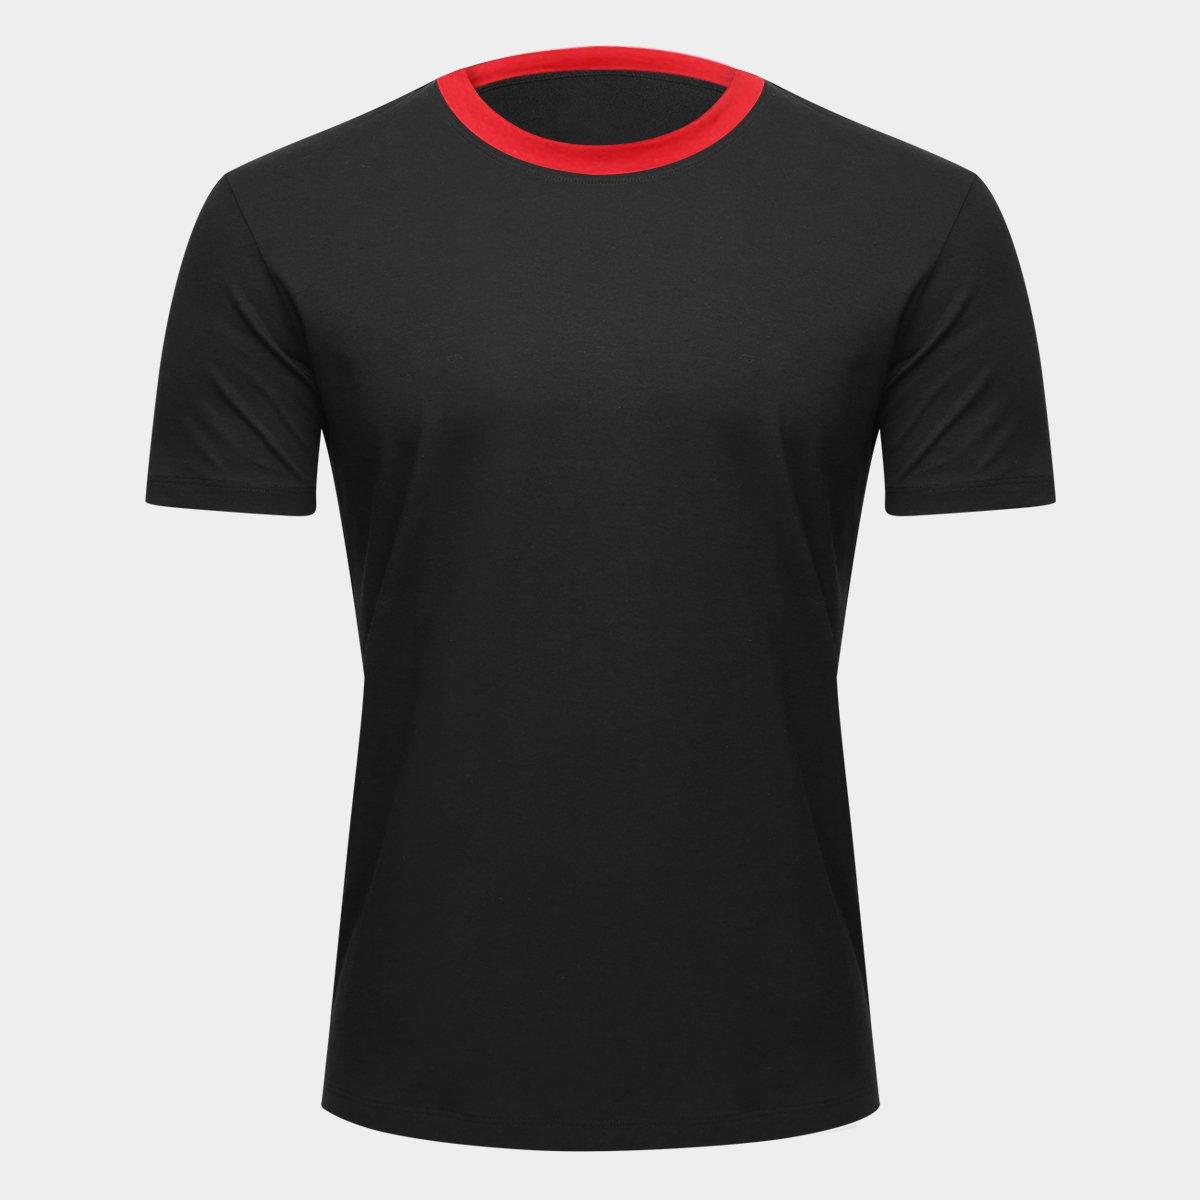 a4837a6e4fd Camiseta Adidas Blank Masculina - Preto e Vermelho - Compre Agora ...